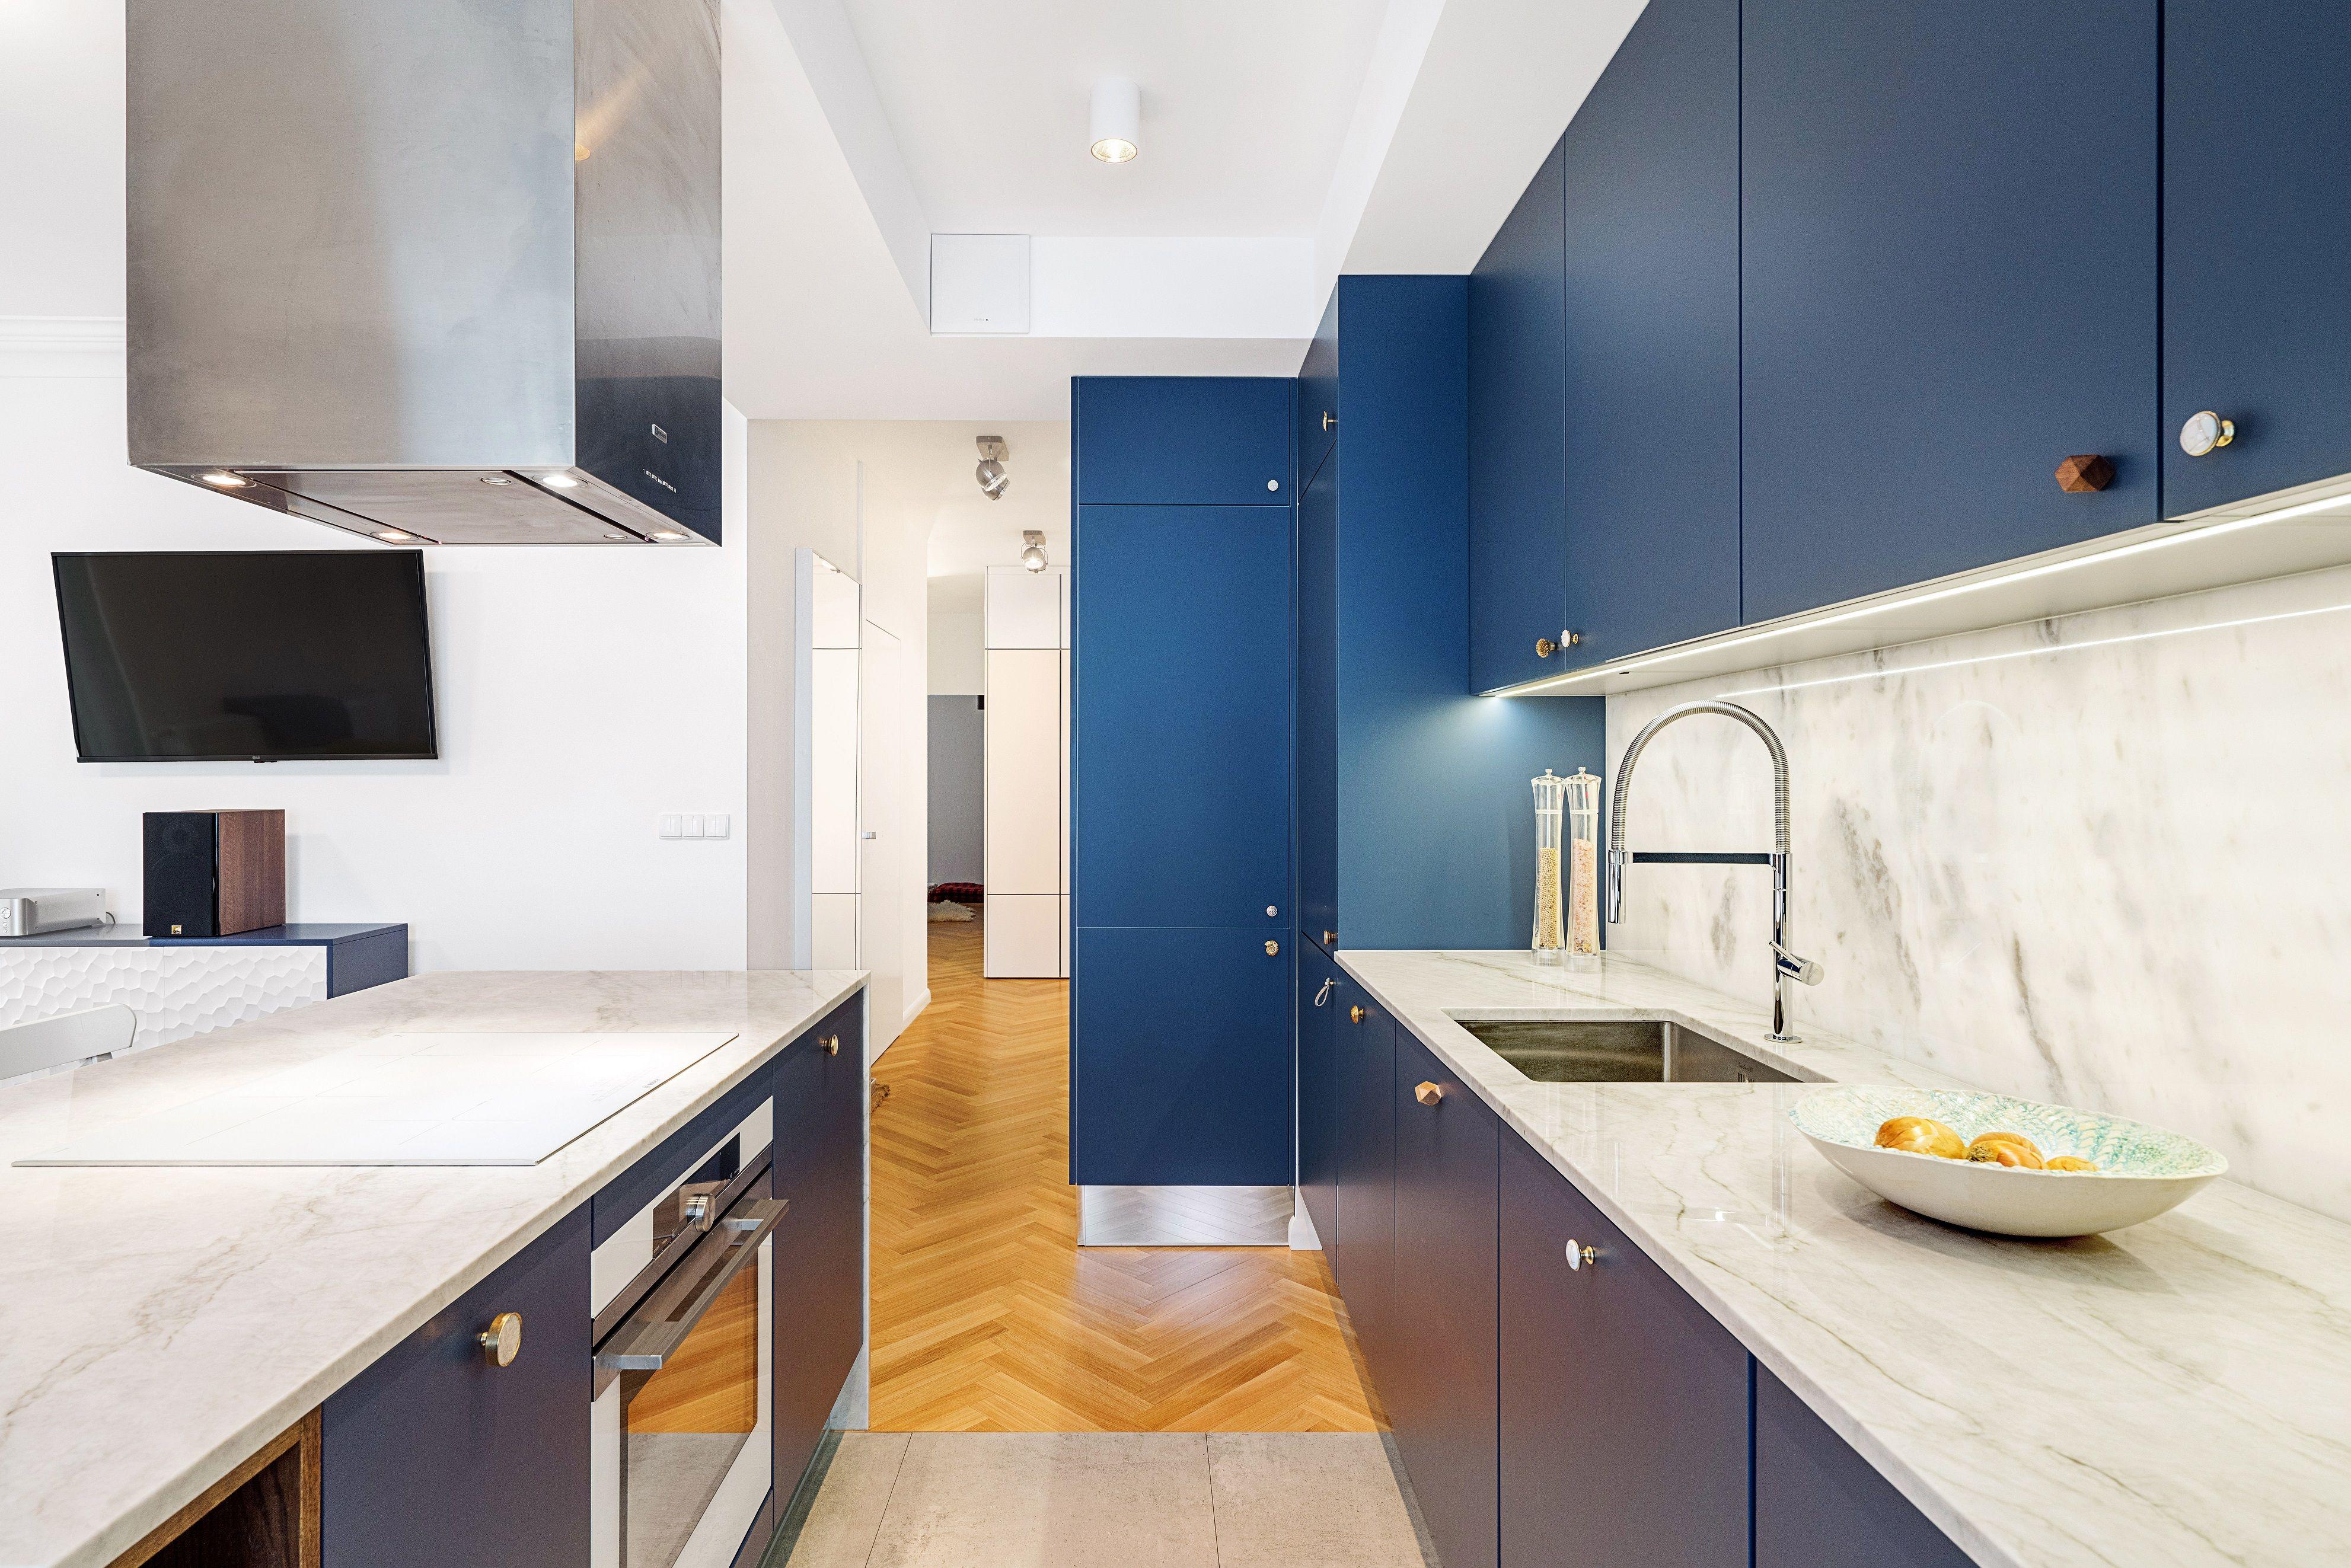 Pin By Max Kuchnie On Kuchnia Inspo Home Kitchen Kitchen Cabinets